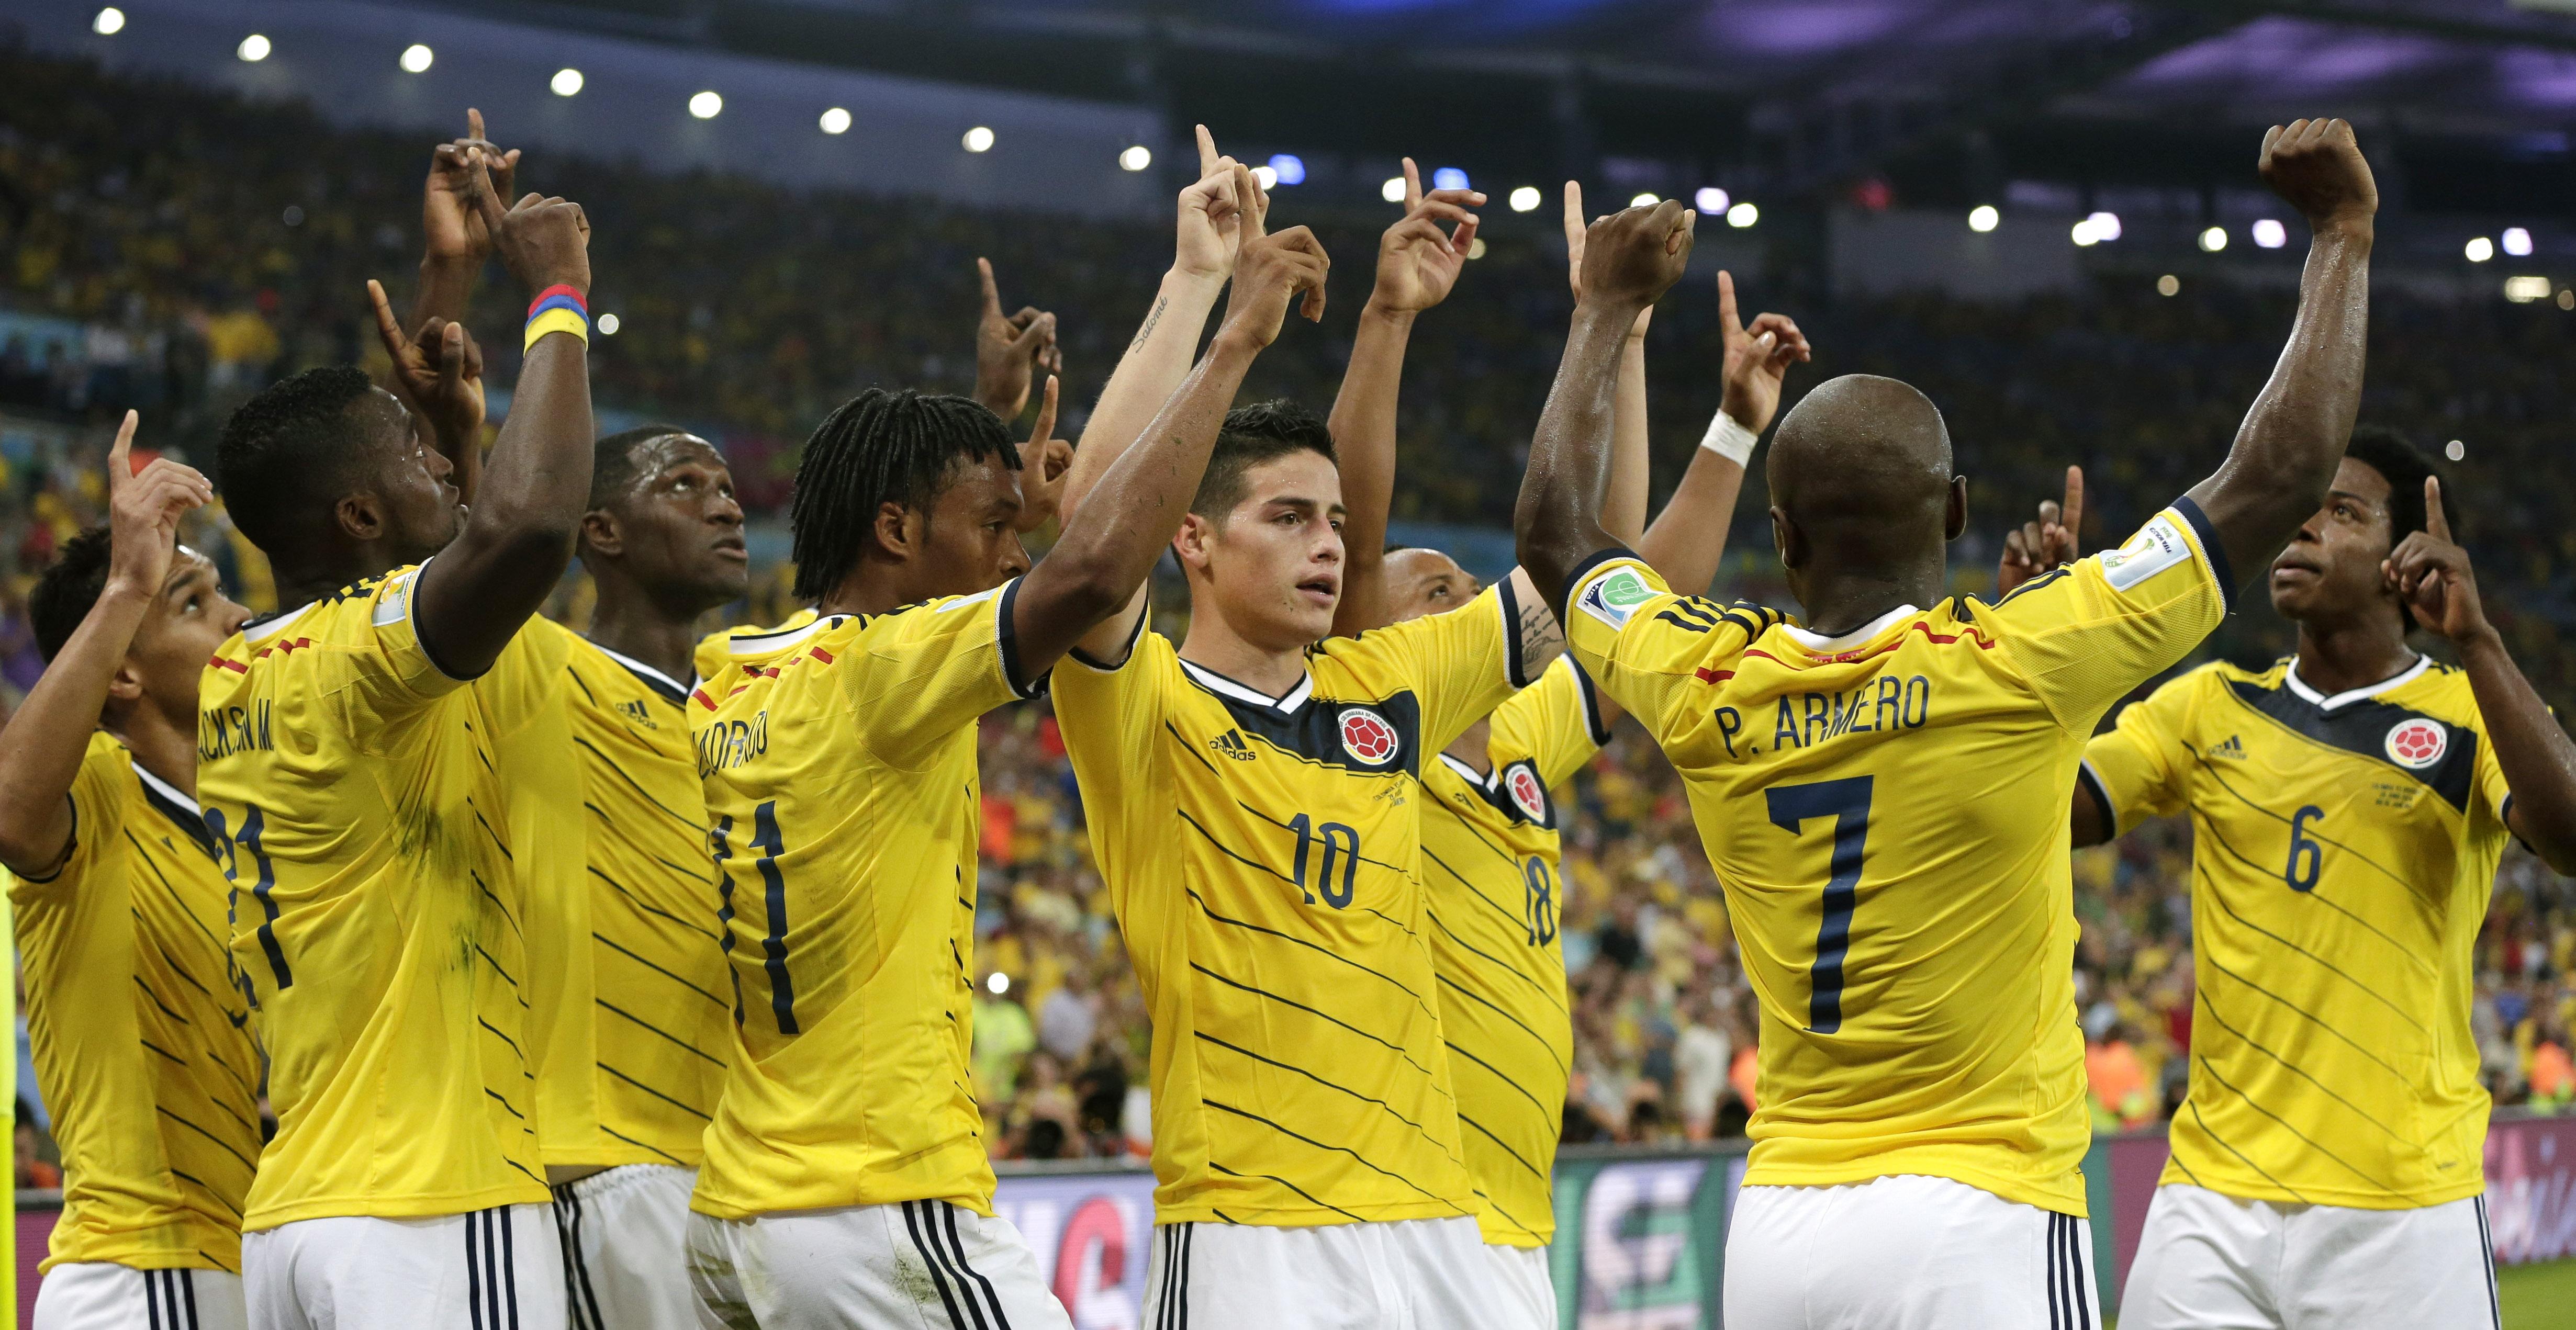 La selección Colombiana - 4922x2542